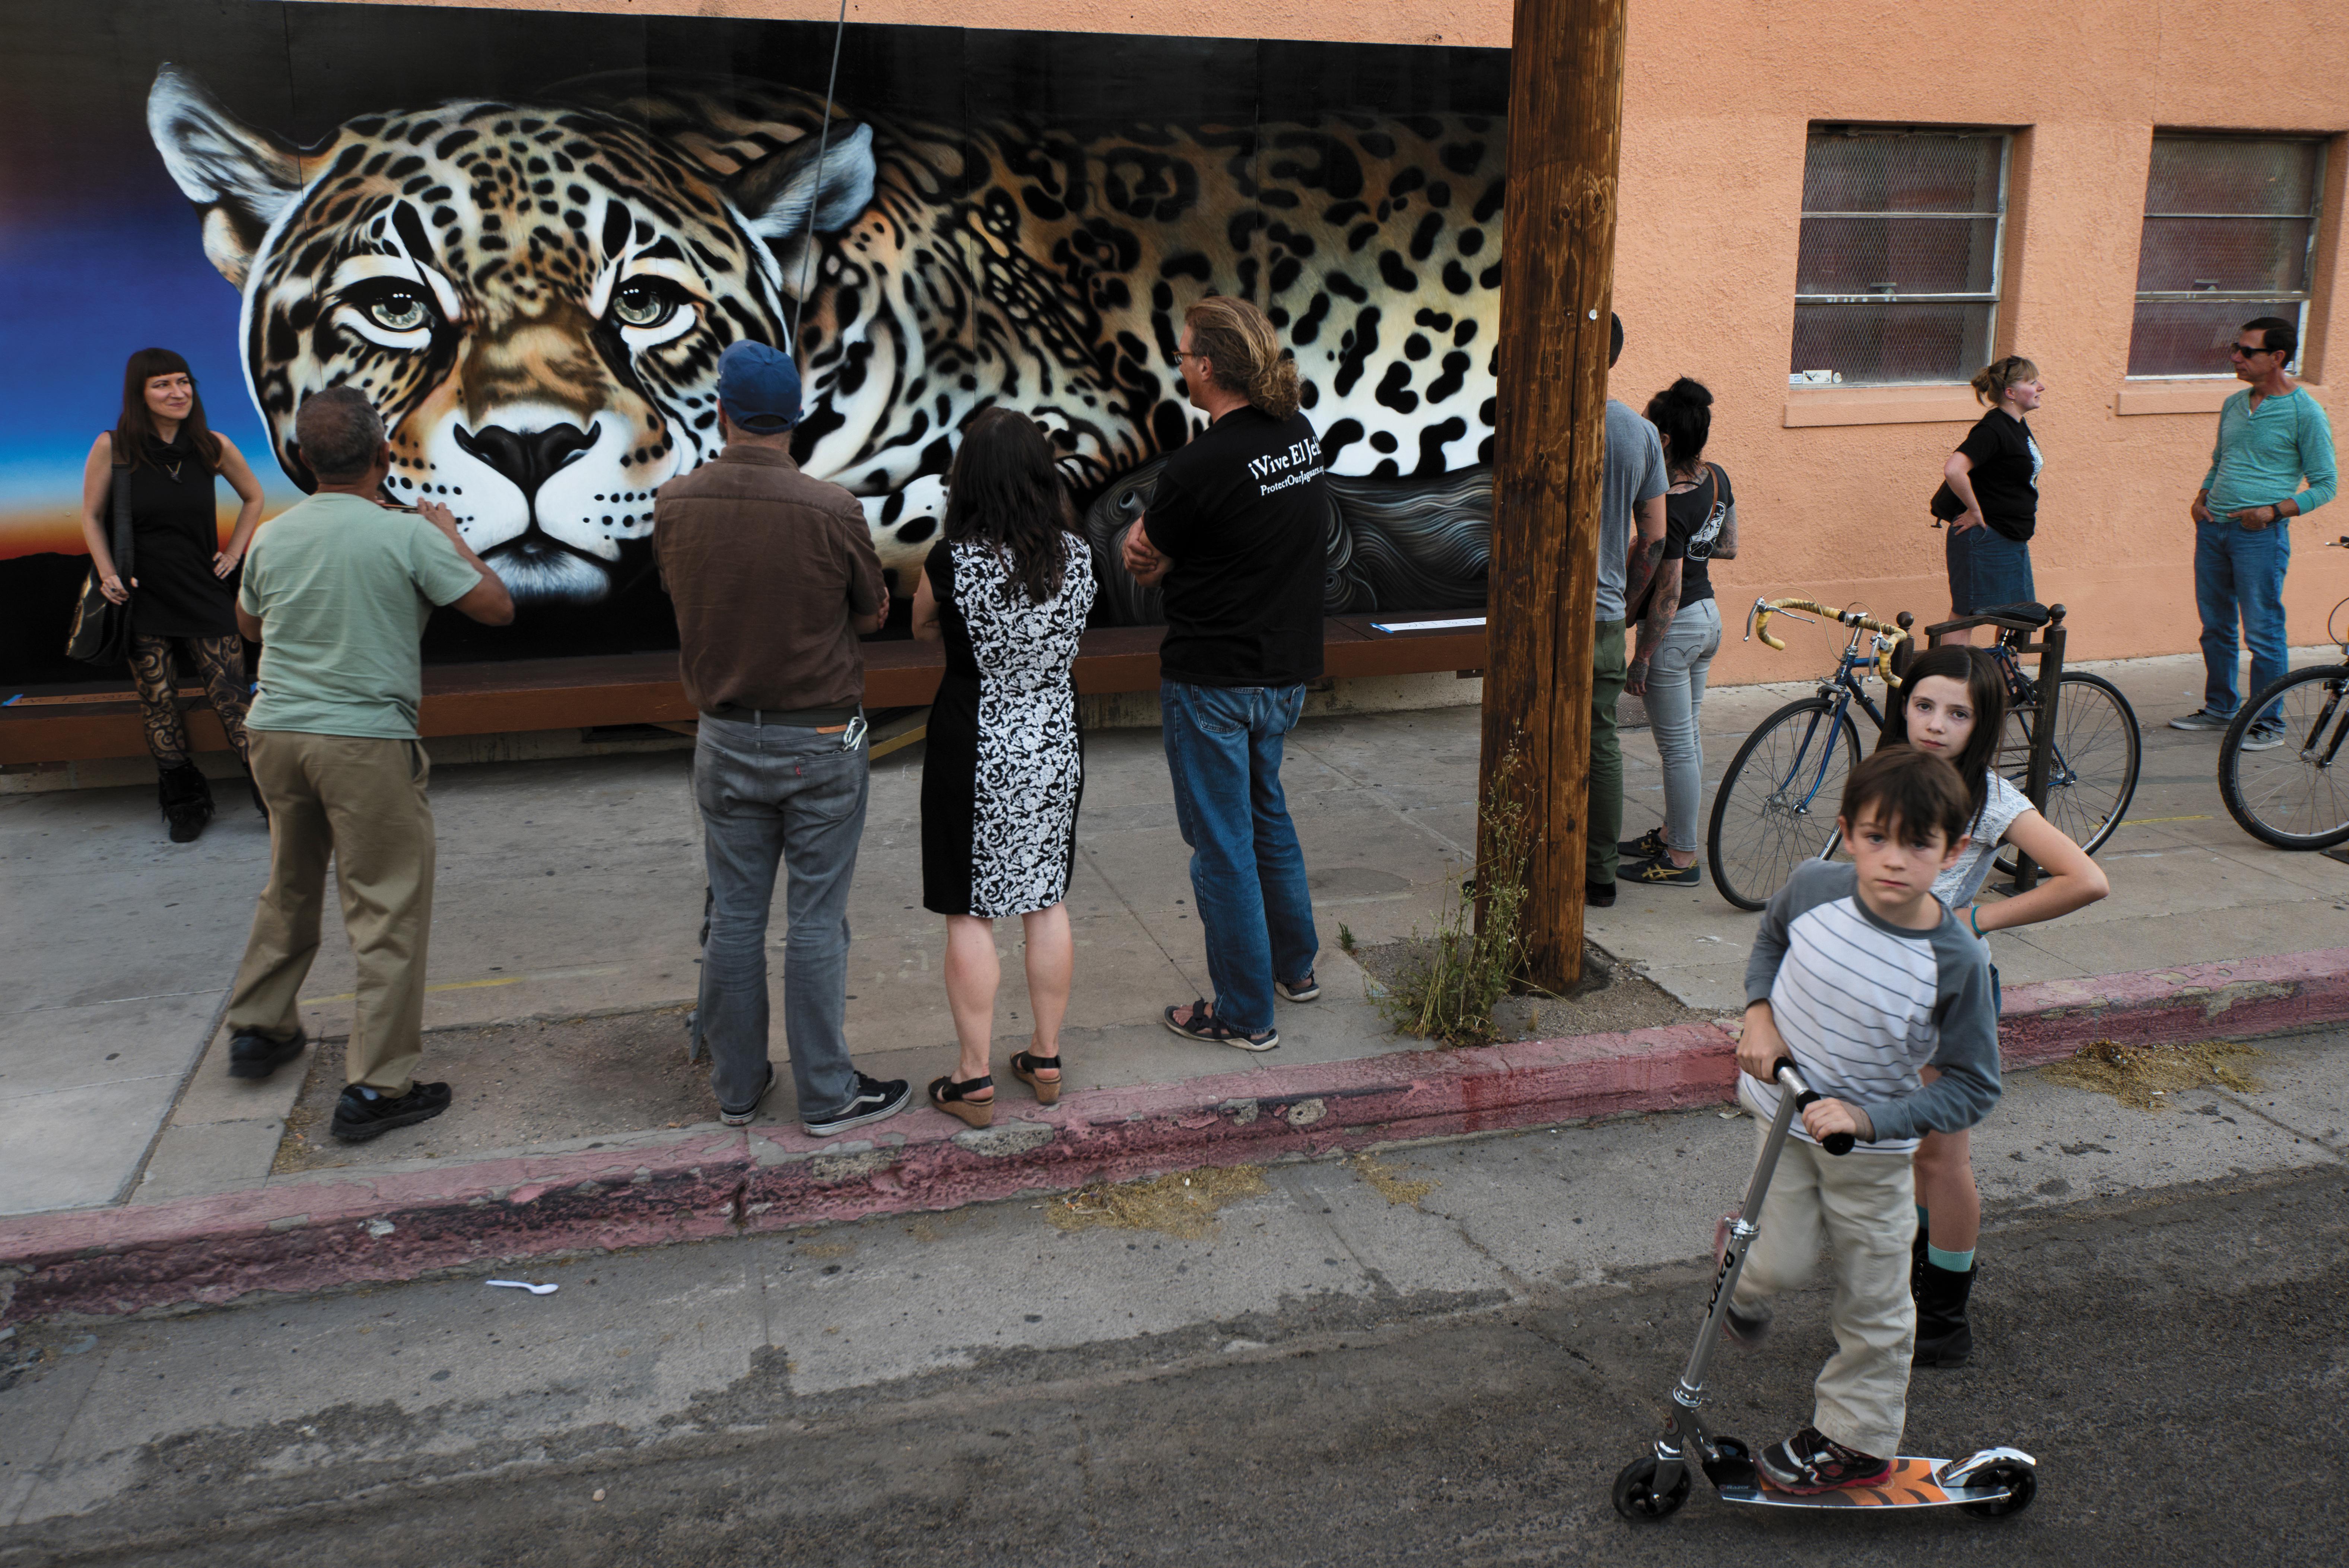 Kati Astaeir's mural of El Jefe